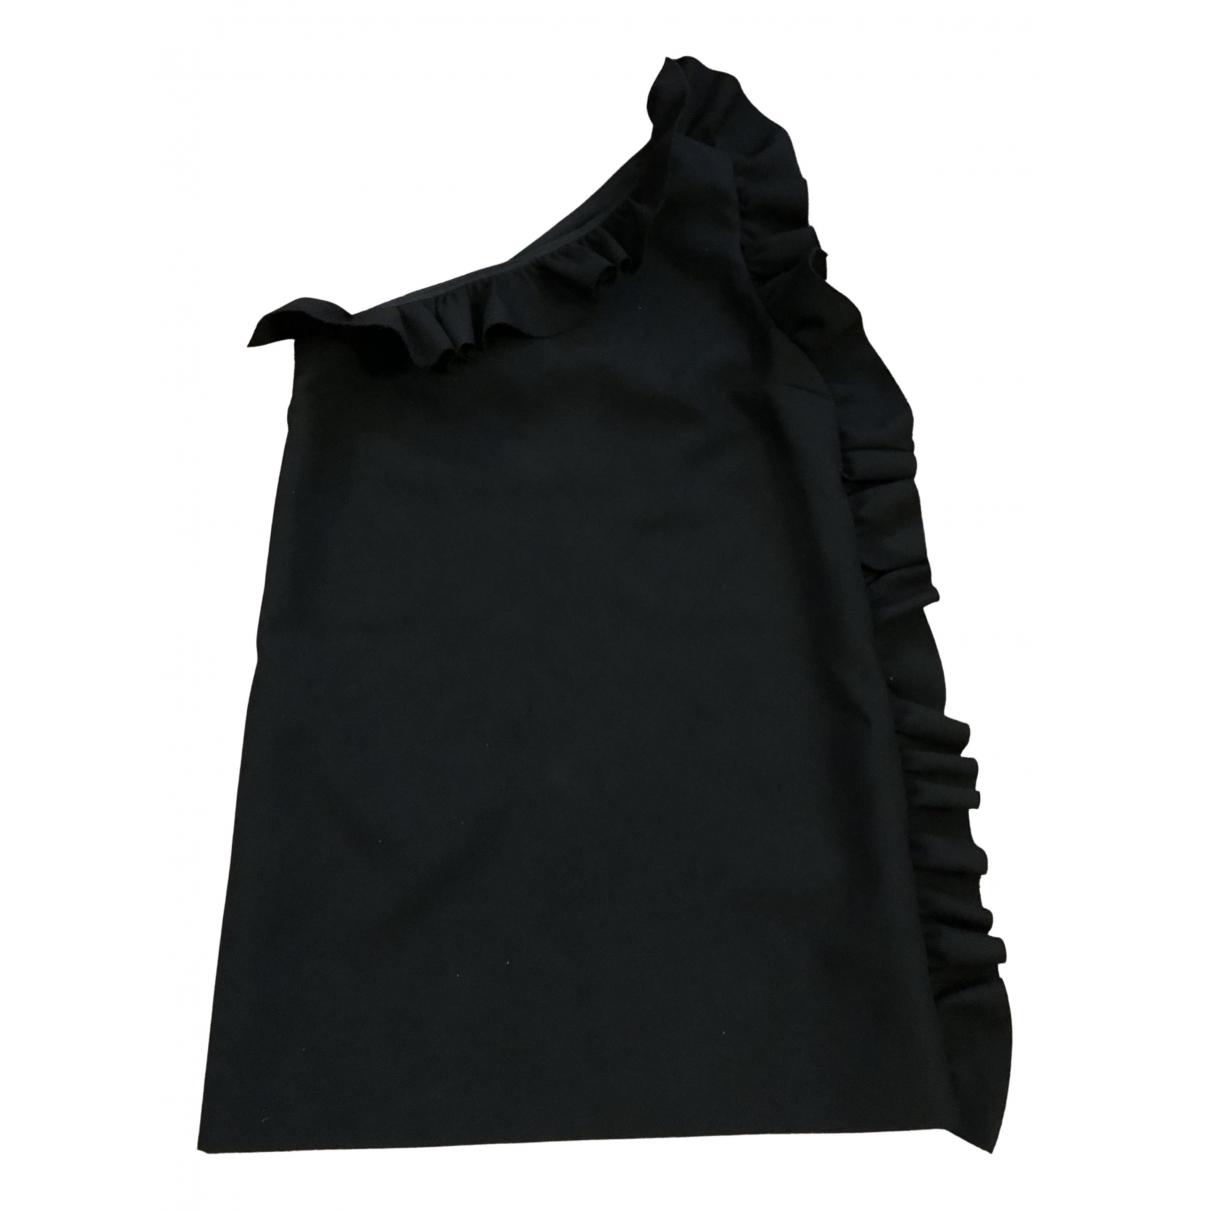 Msgm \N Kleid in  Schwarz Polyester